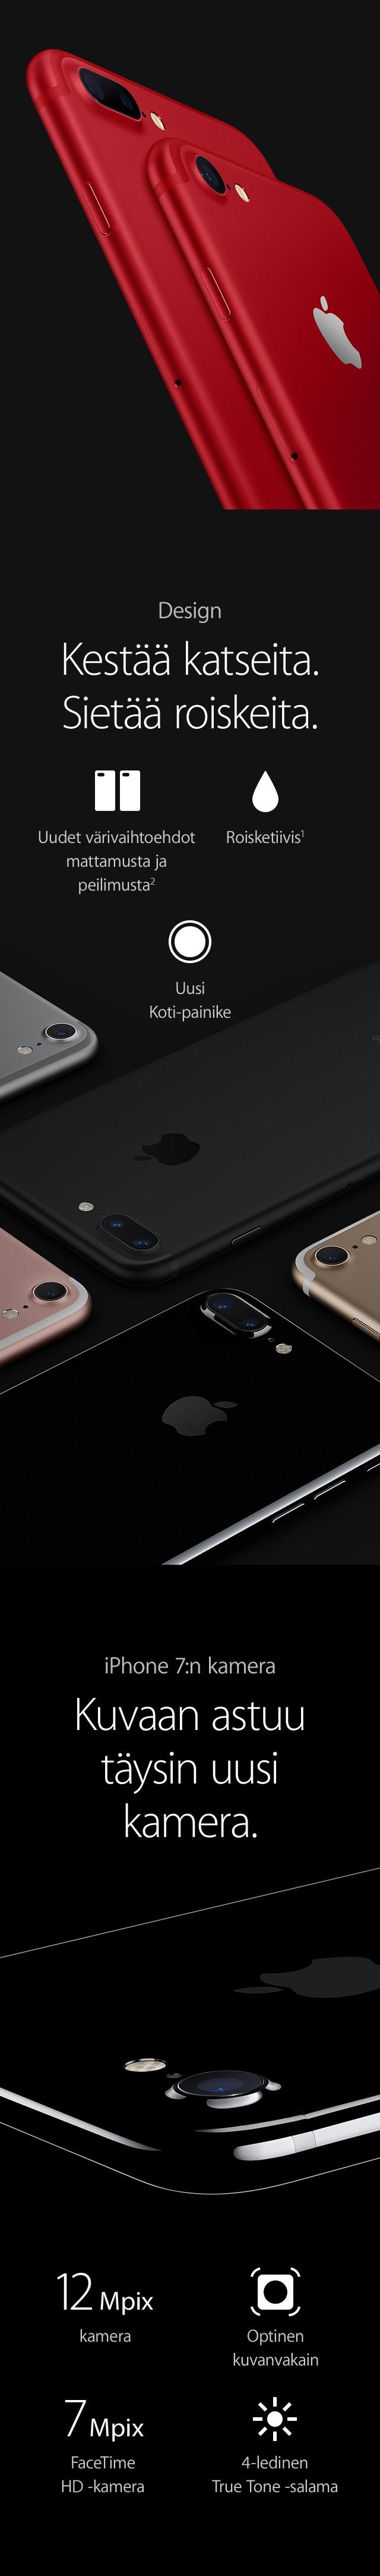 iPhone 7 Plussan innovatiivinen kaksoiskamera tekee sen, mitä muut yrittävät - täydelliset kuvat valaistuksesta riippumatta.